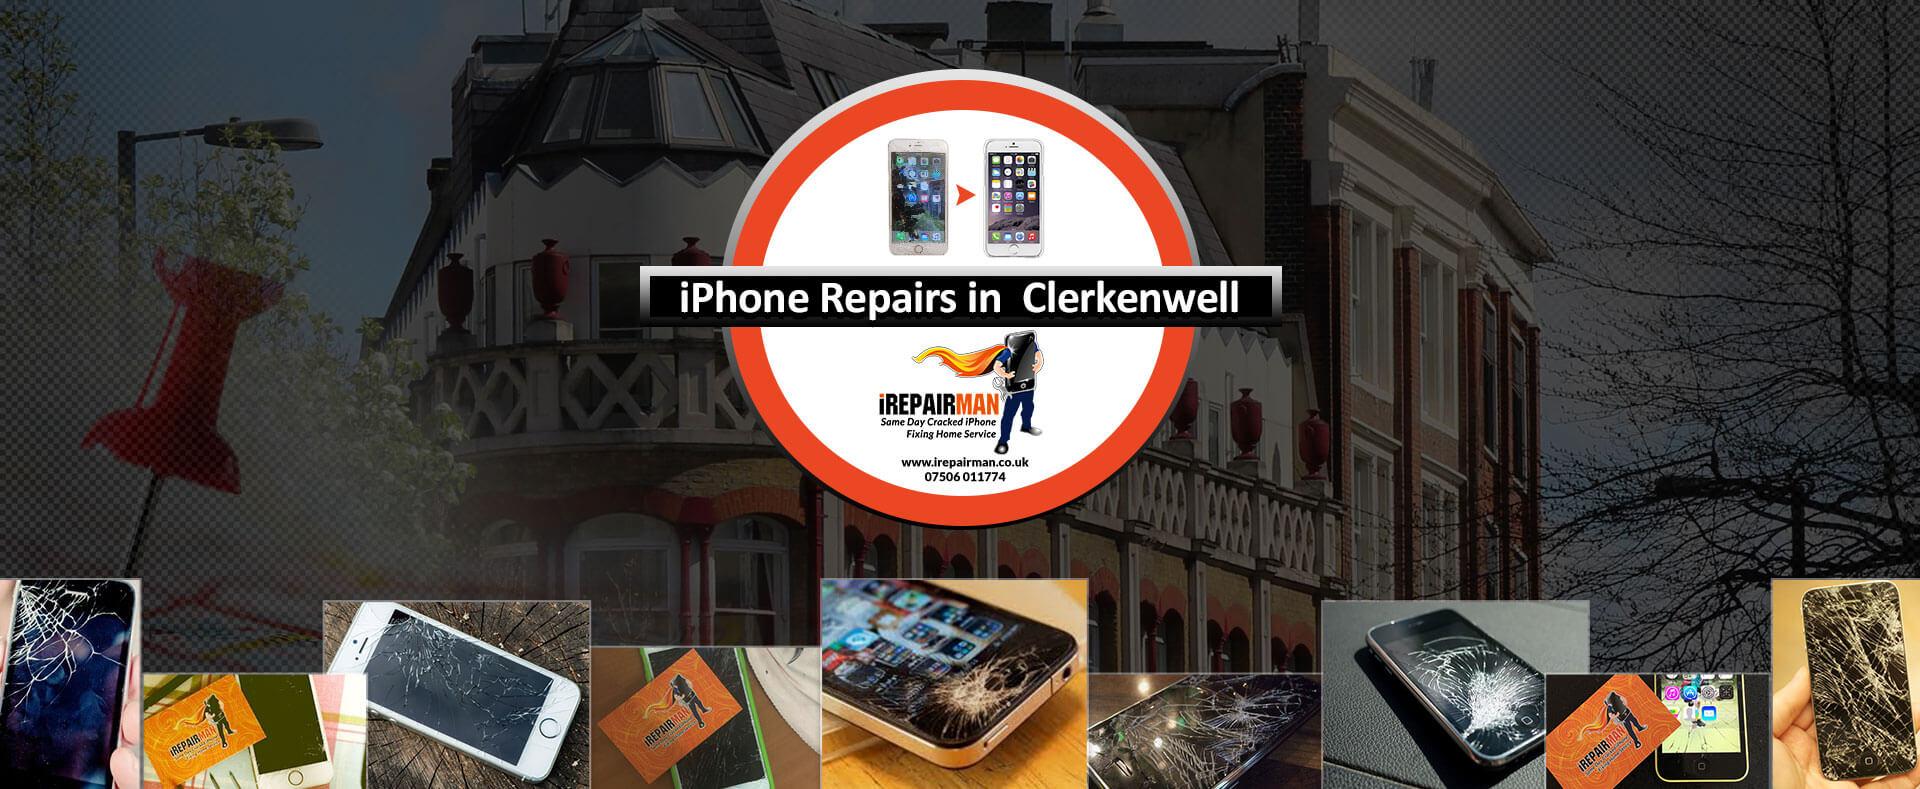 iphone-repairs-in-clerkenwell